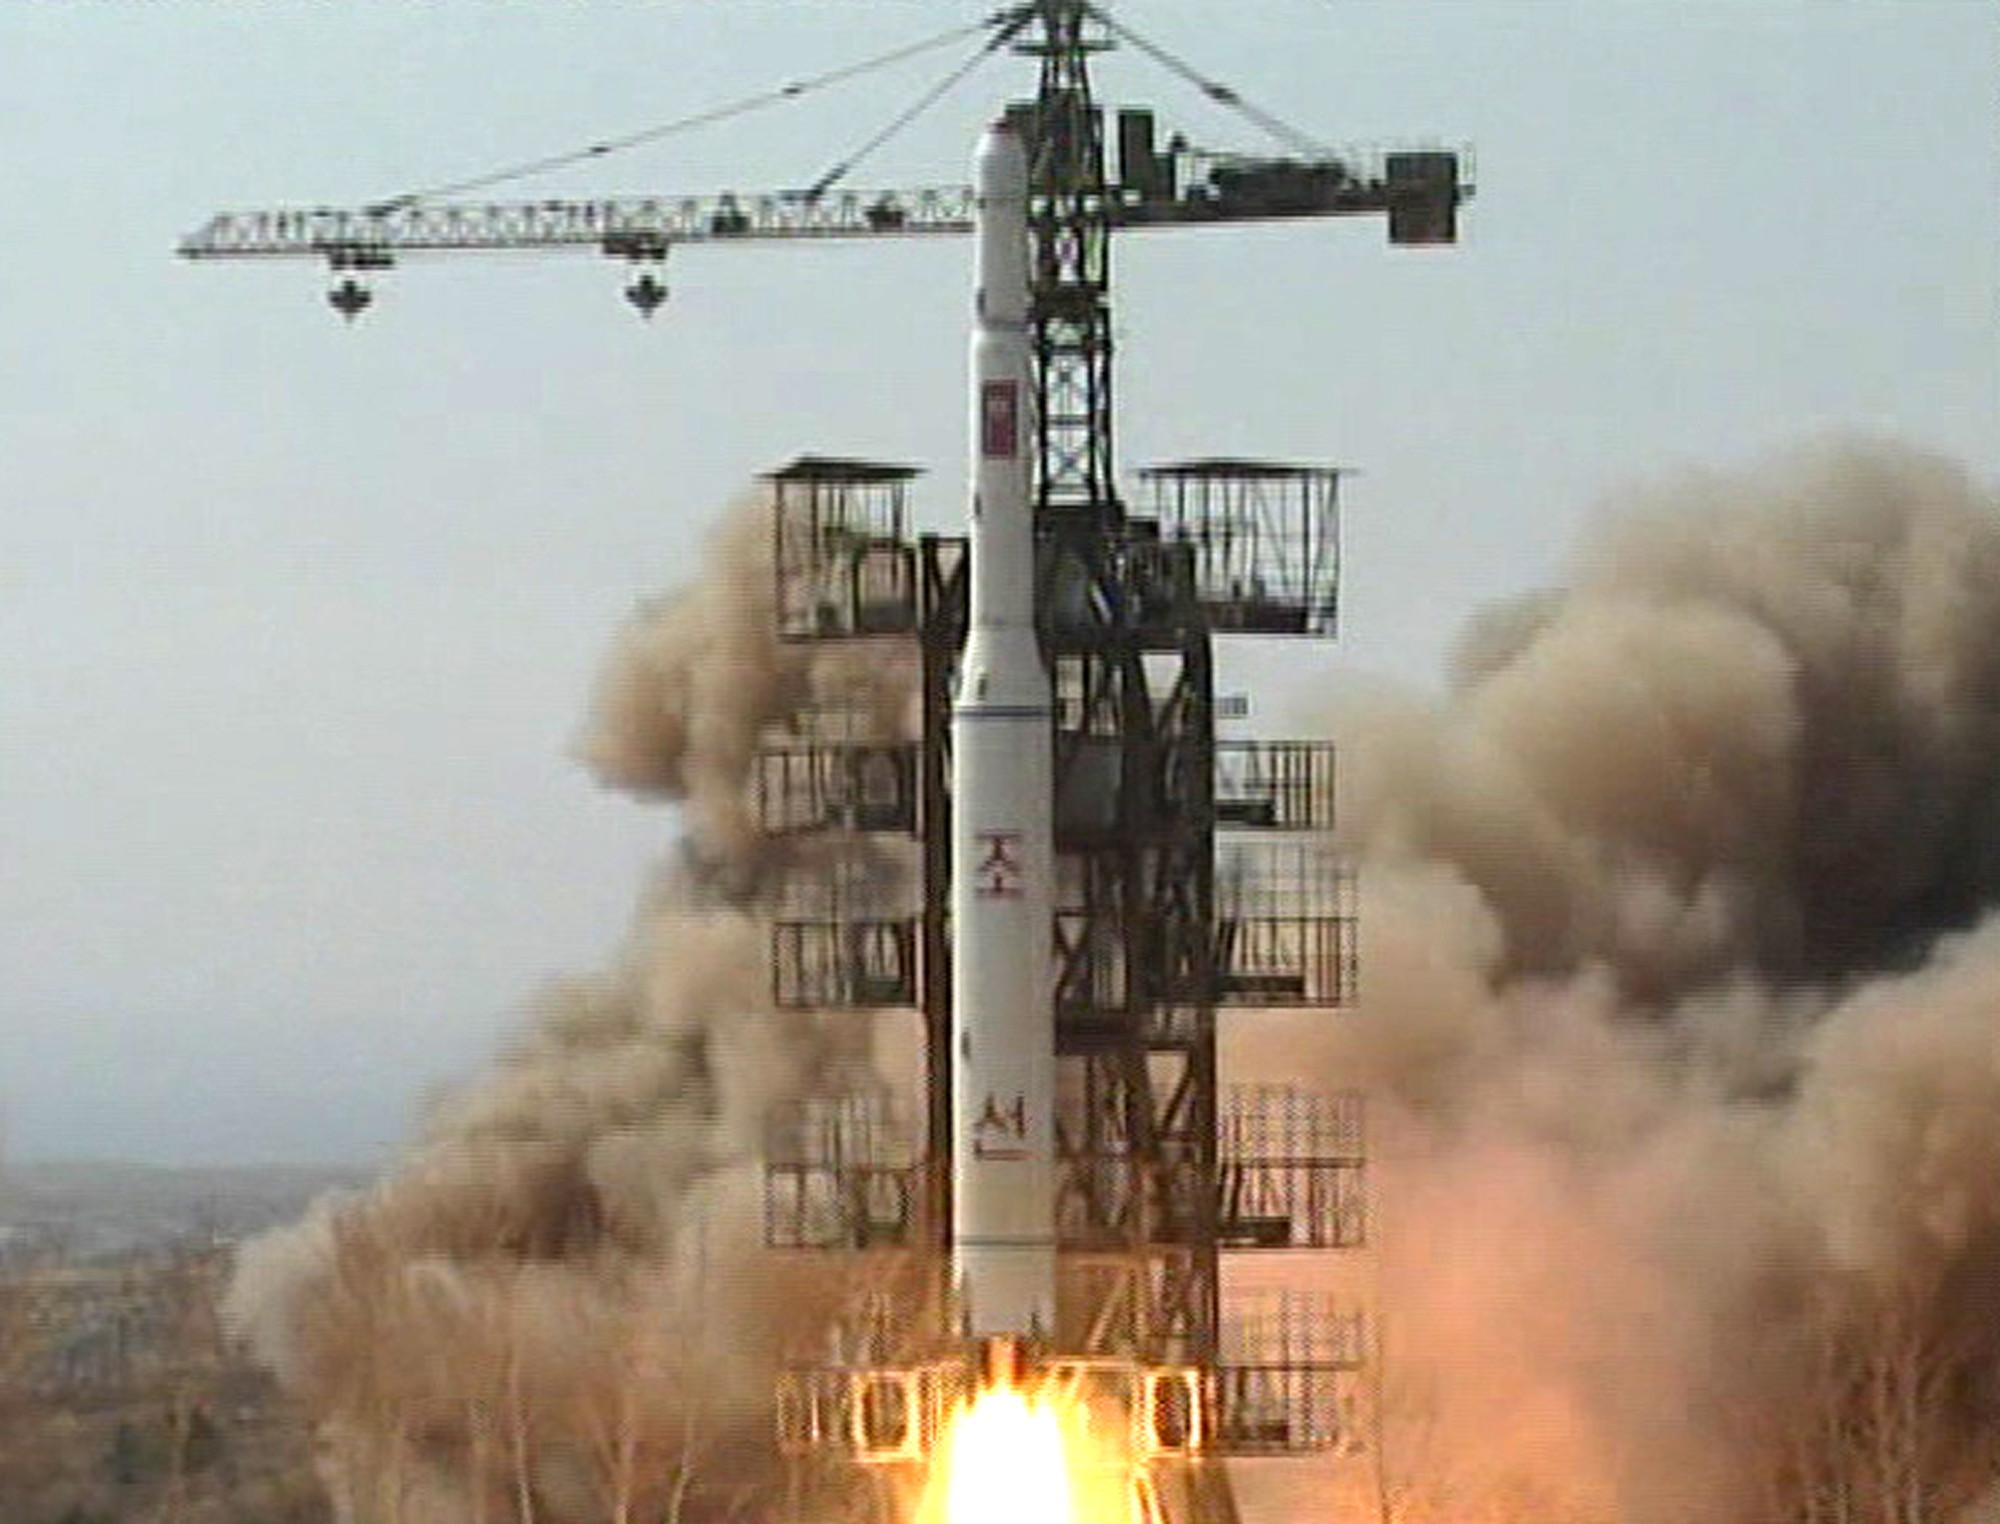 美日韓聯手抵制北韓勞工 杜絕薪金供核武製造   文章內置圖片